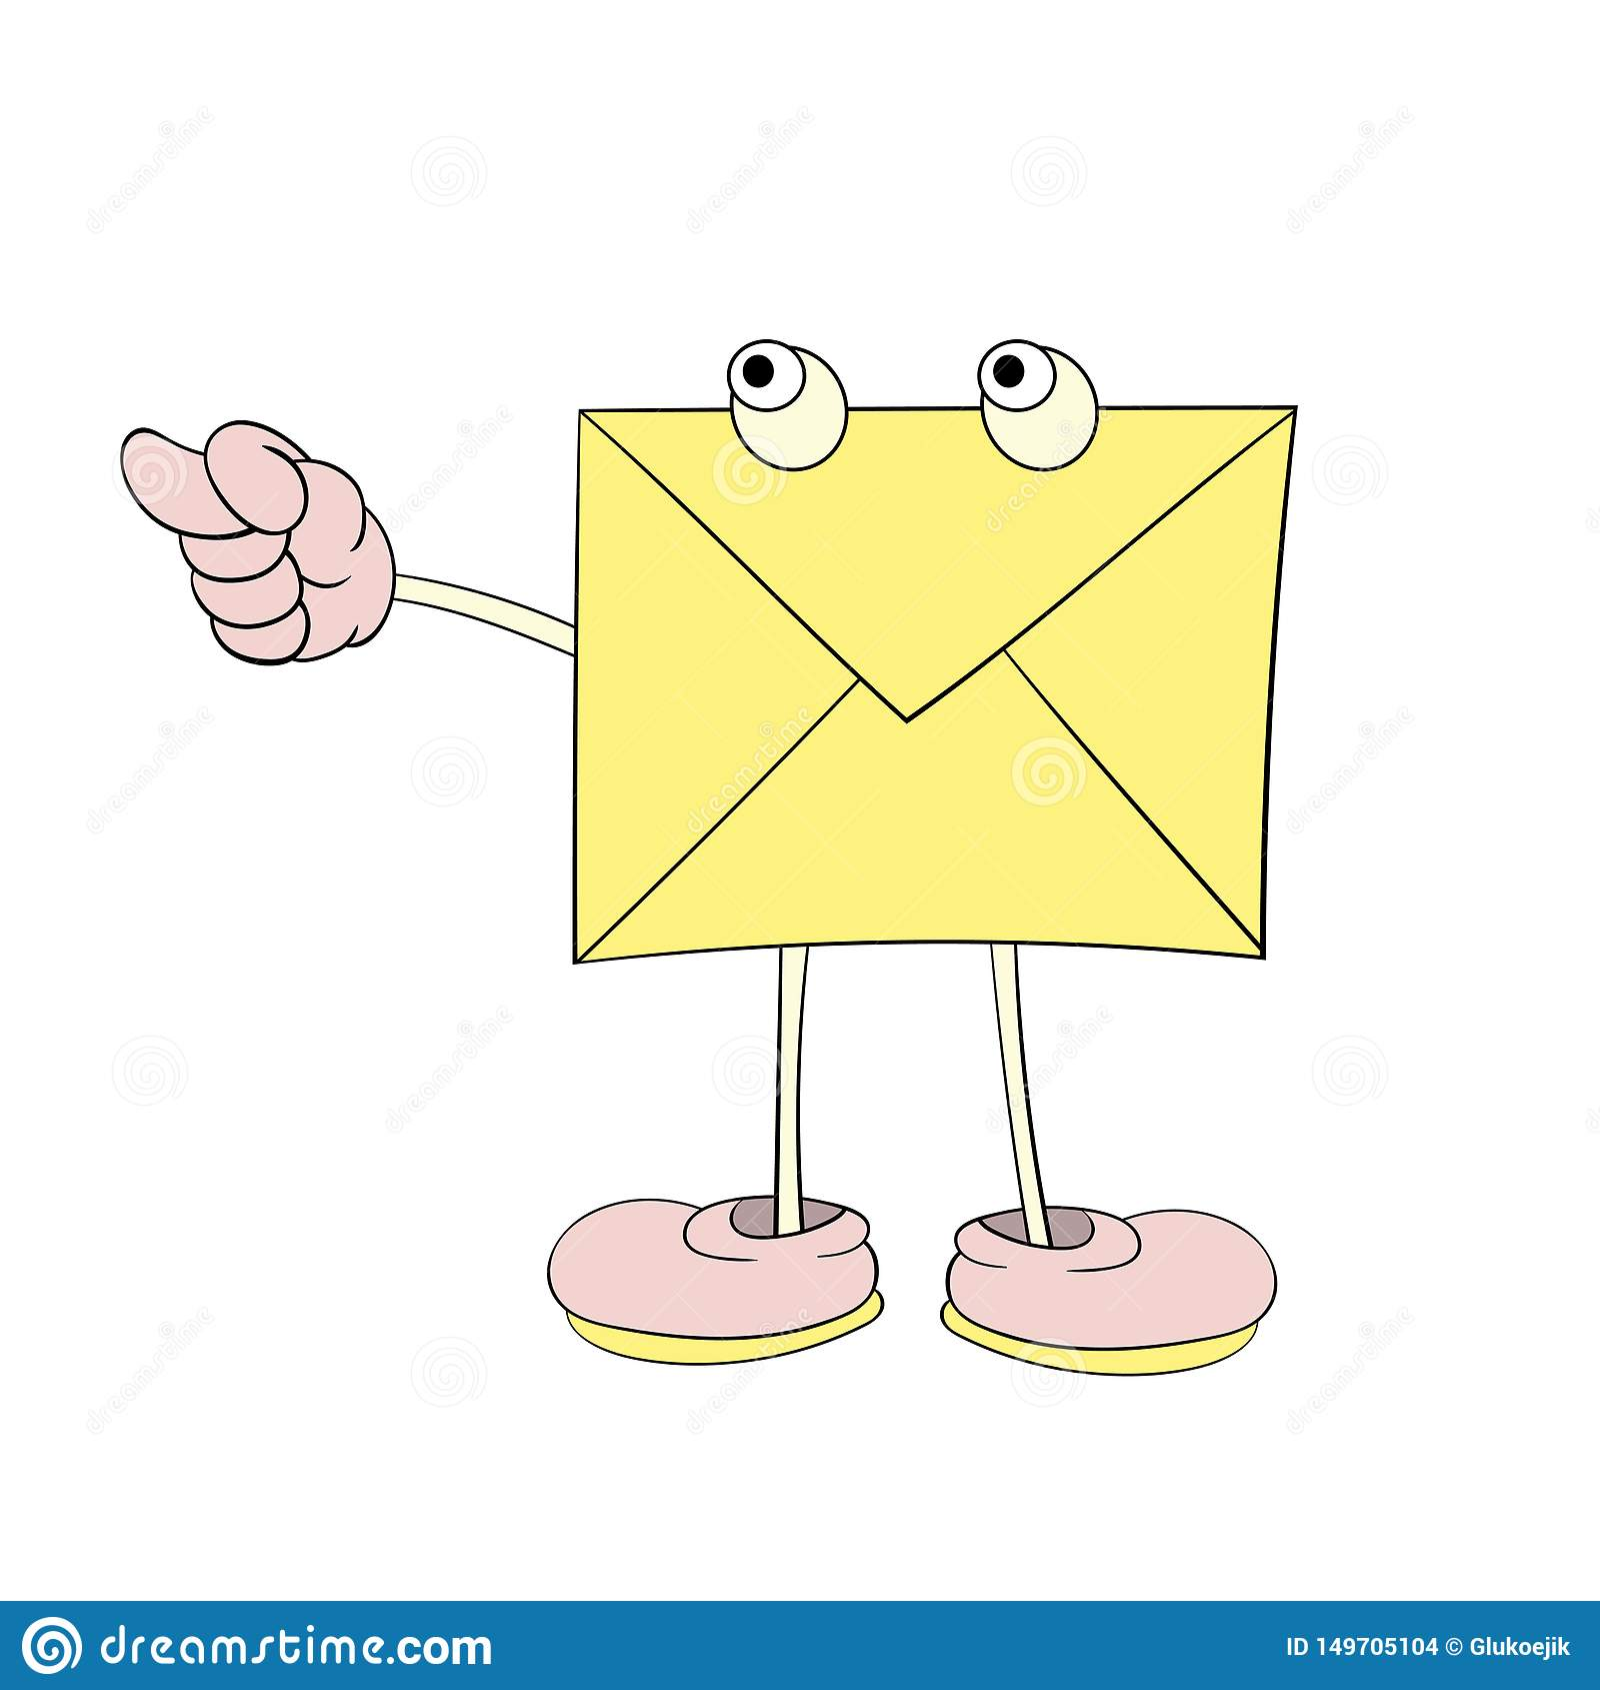 Письмо с глазами показывает неприличный жест, диаграмму мультфильма, значок, карикатуру